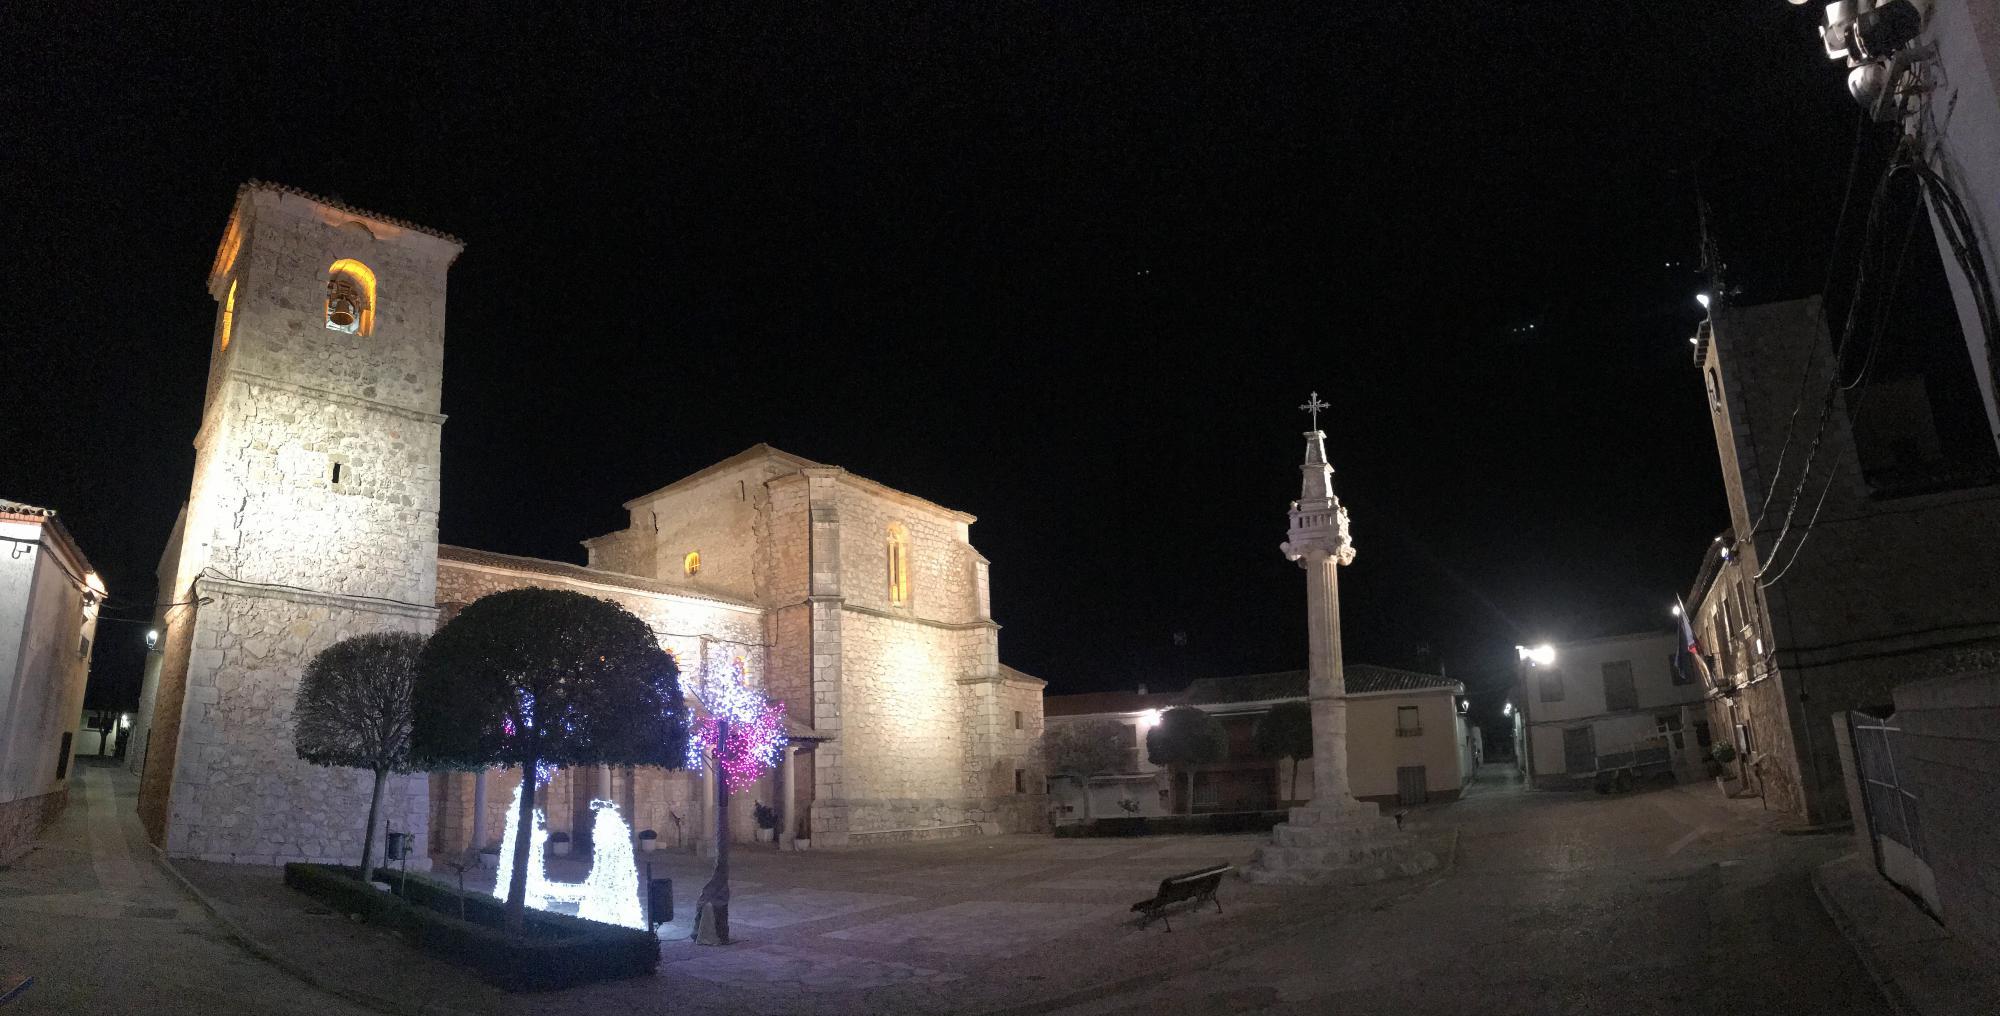 Recogida El Ayuntamiento De Guadalajara Ofrece Un Servicio  # Muebles Pedro Del Saz Guadalajara